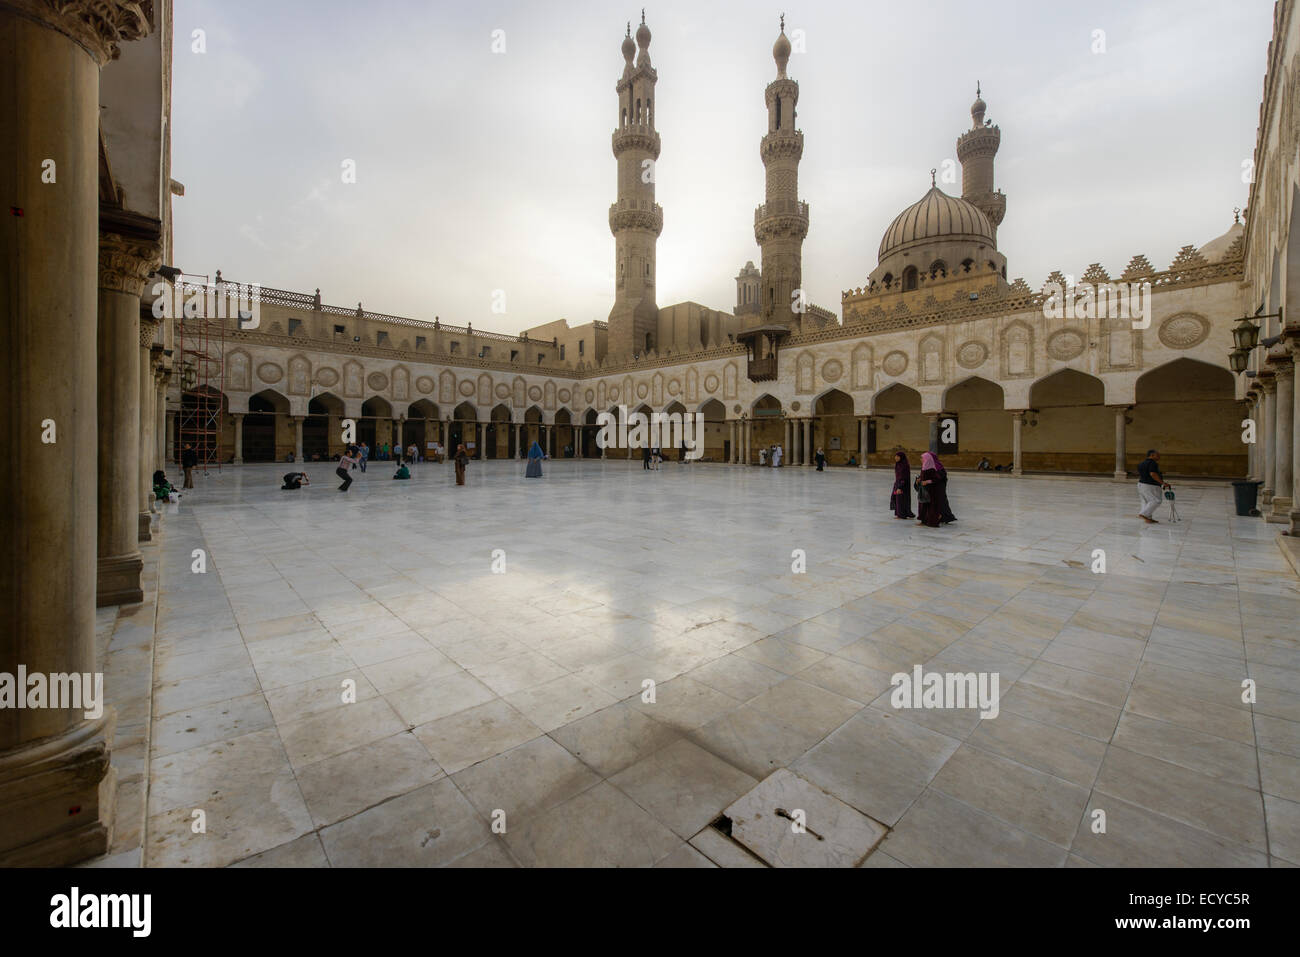 Mosquée Al-Azhar au Caire islamique, l'Egypte Photo Stock